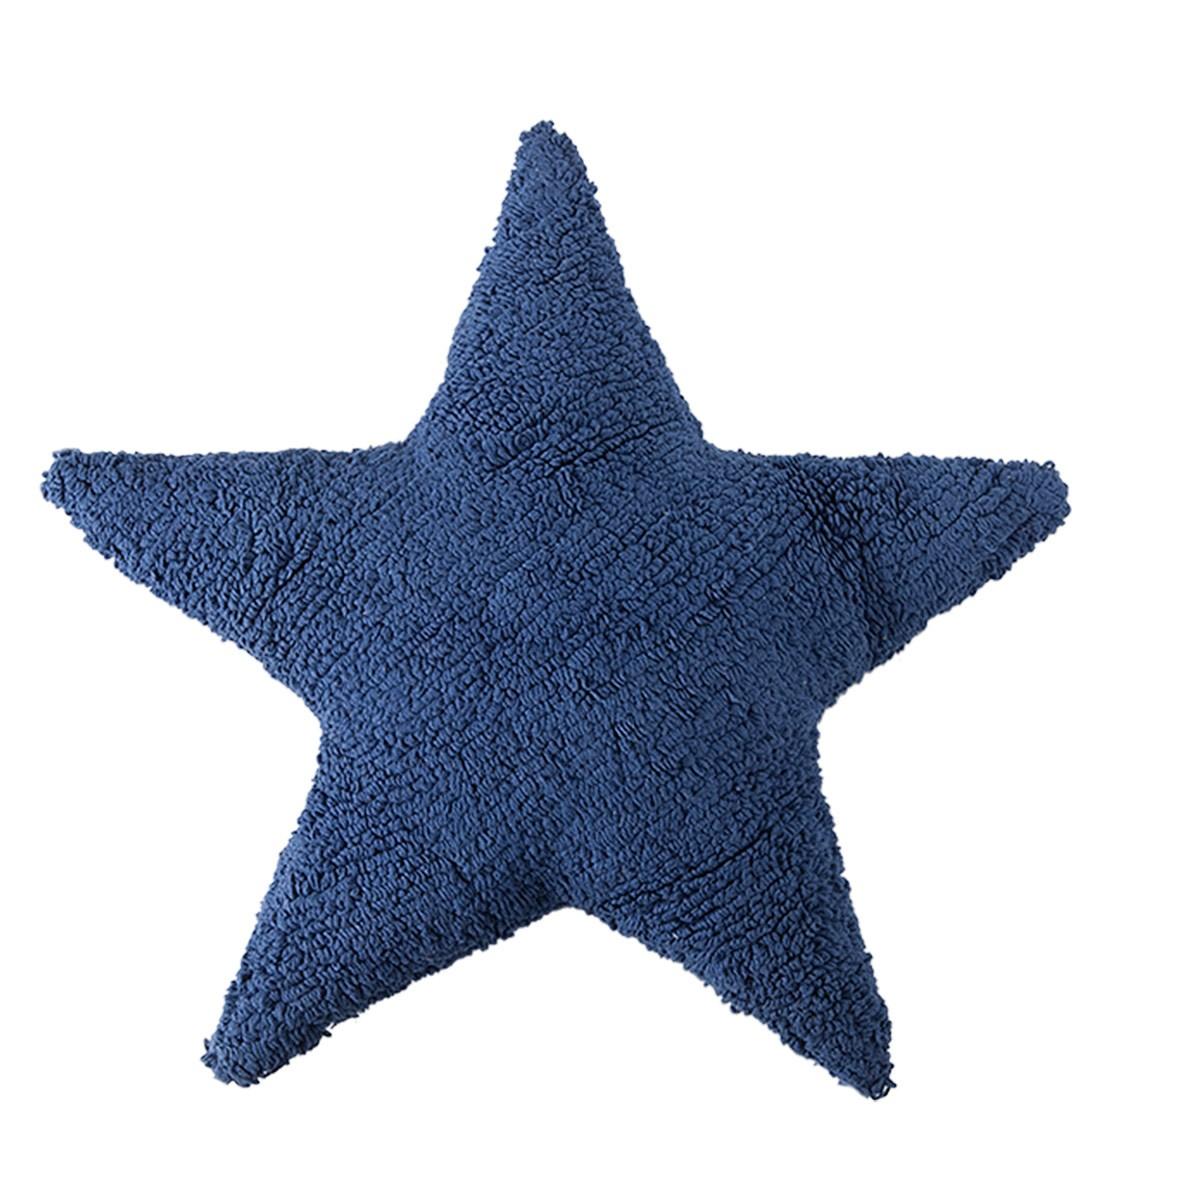 Διακοσμητικό Μαξιλάρι (50x50) Lorena Canals Star Navy